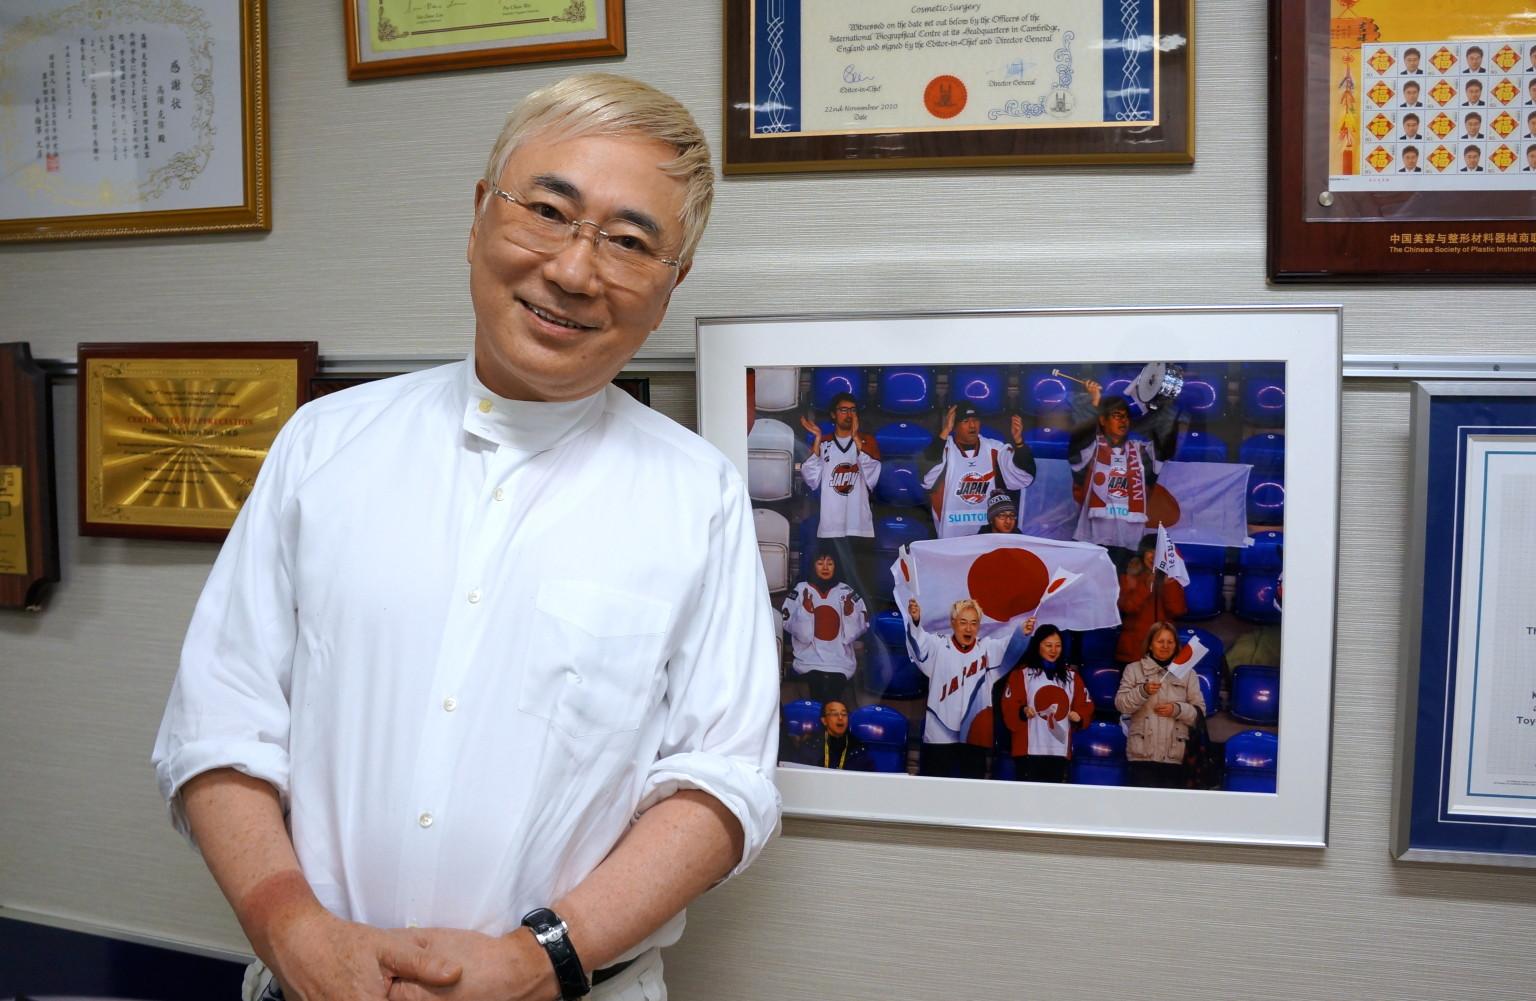 高须院长が安藤美姫选手支援に名乗りをあげた理由「子供を産んだらe-coupon-blog-to-2014